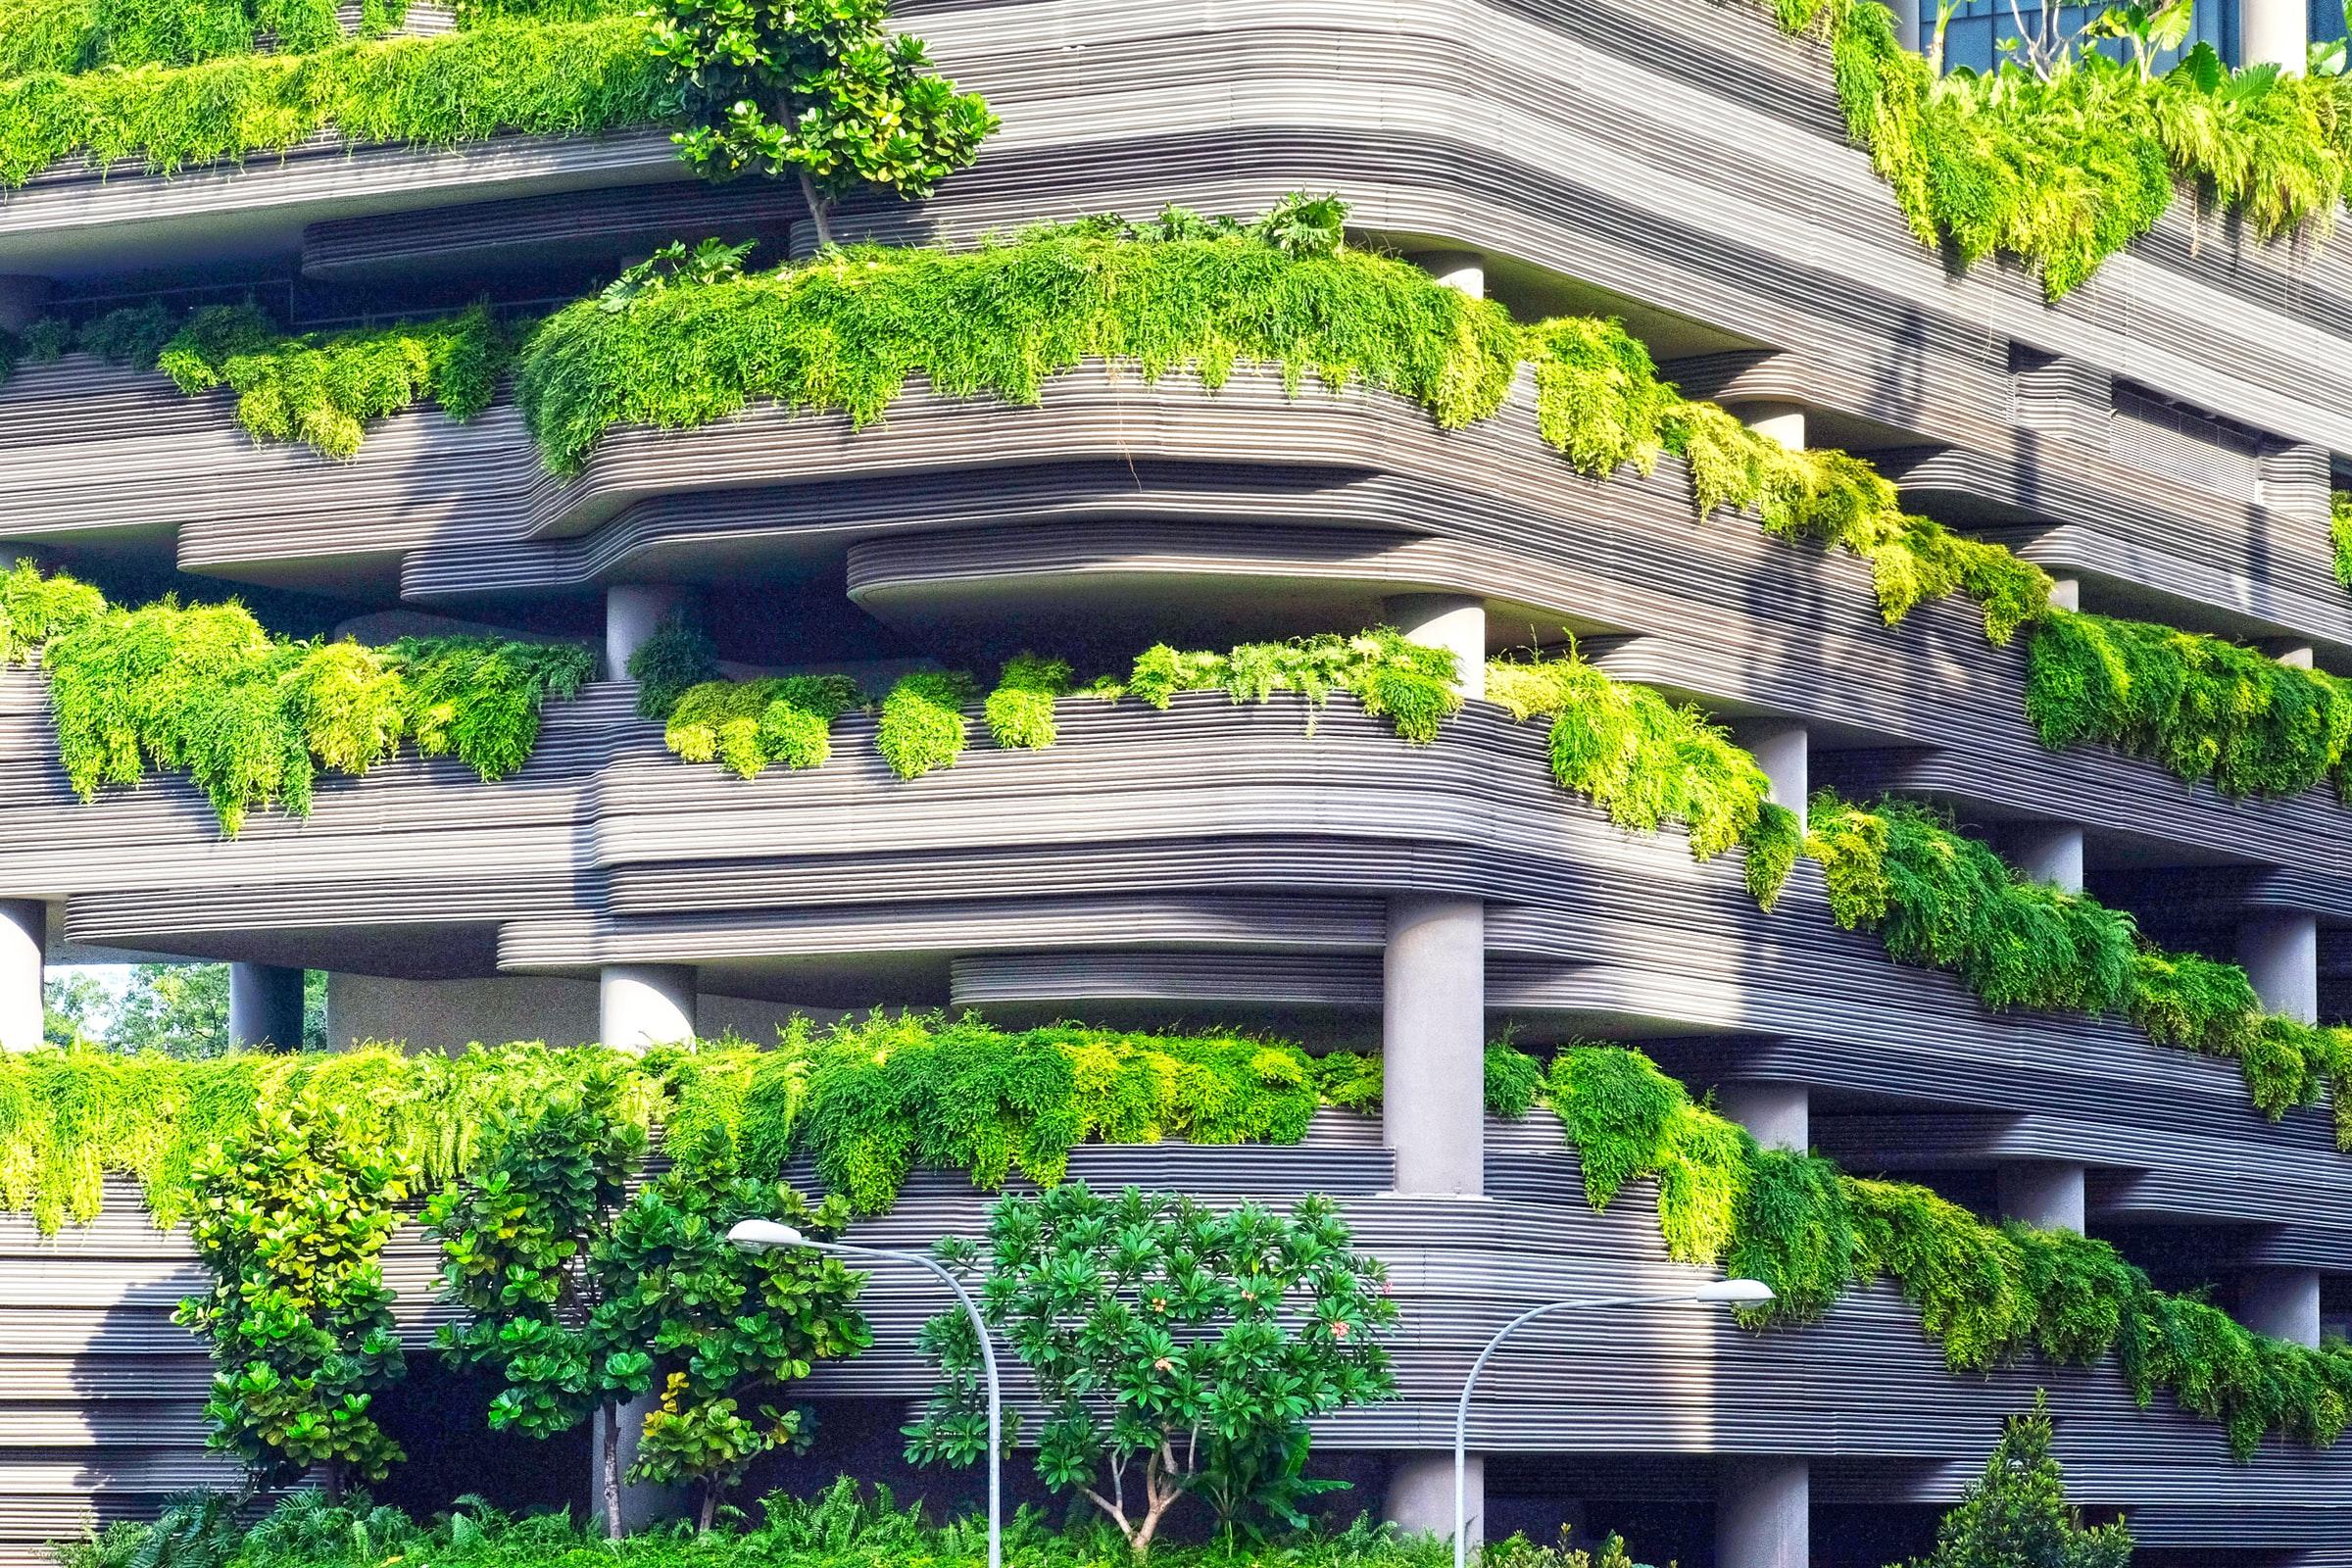 edificio verde sostenible